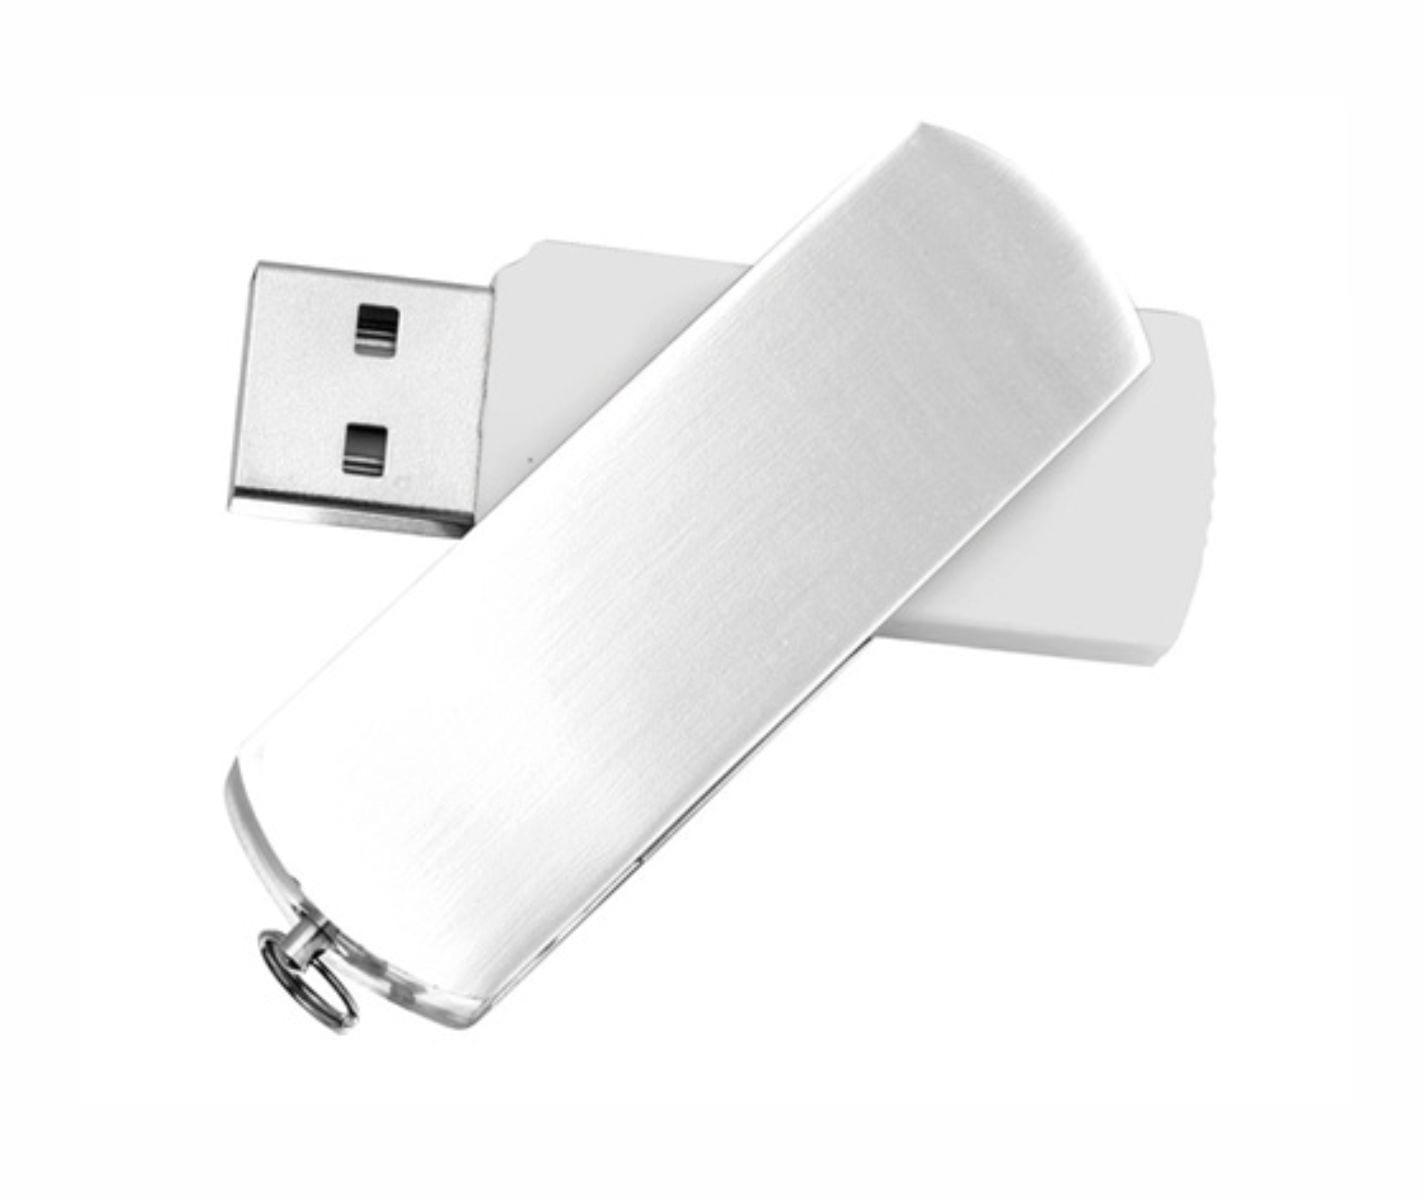 Usb Aluminio Personalizable Metal